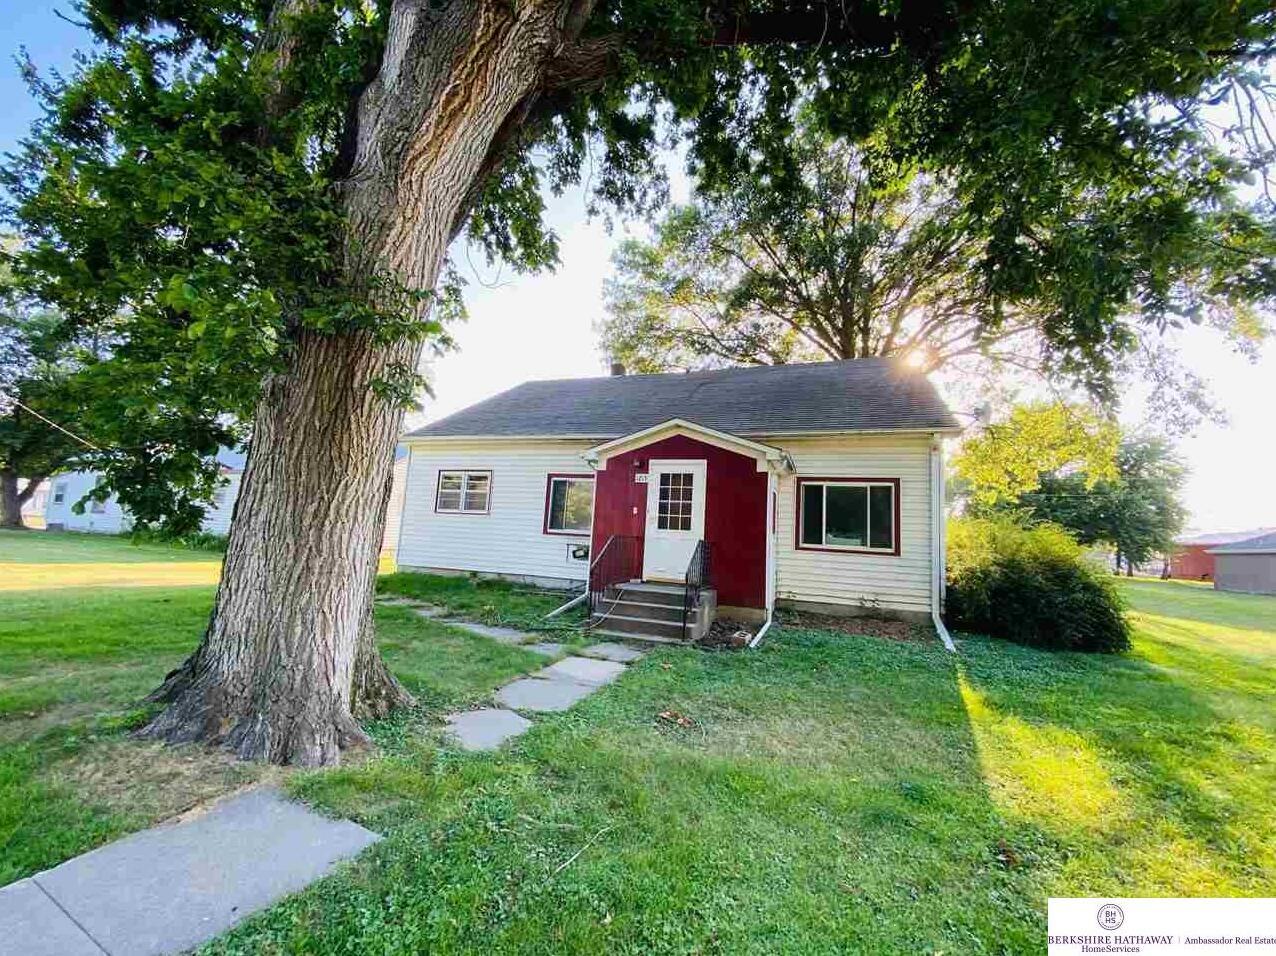 Photo of 1213 Frances Street Goehner NE 68364